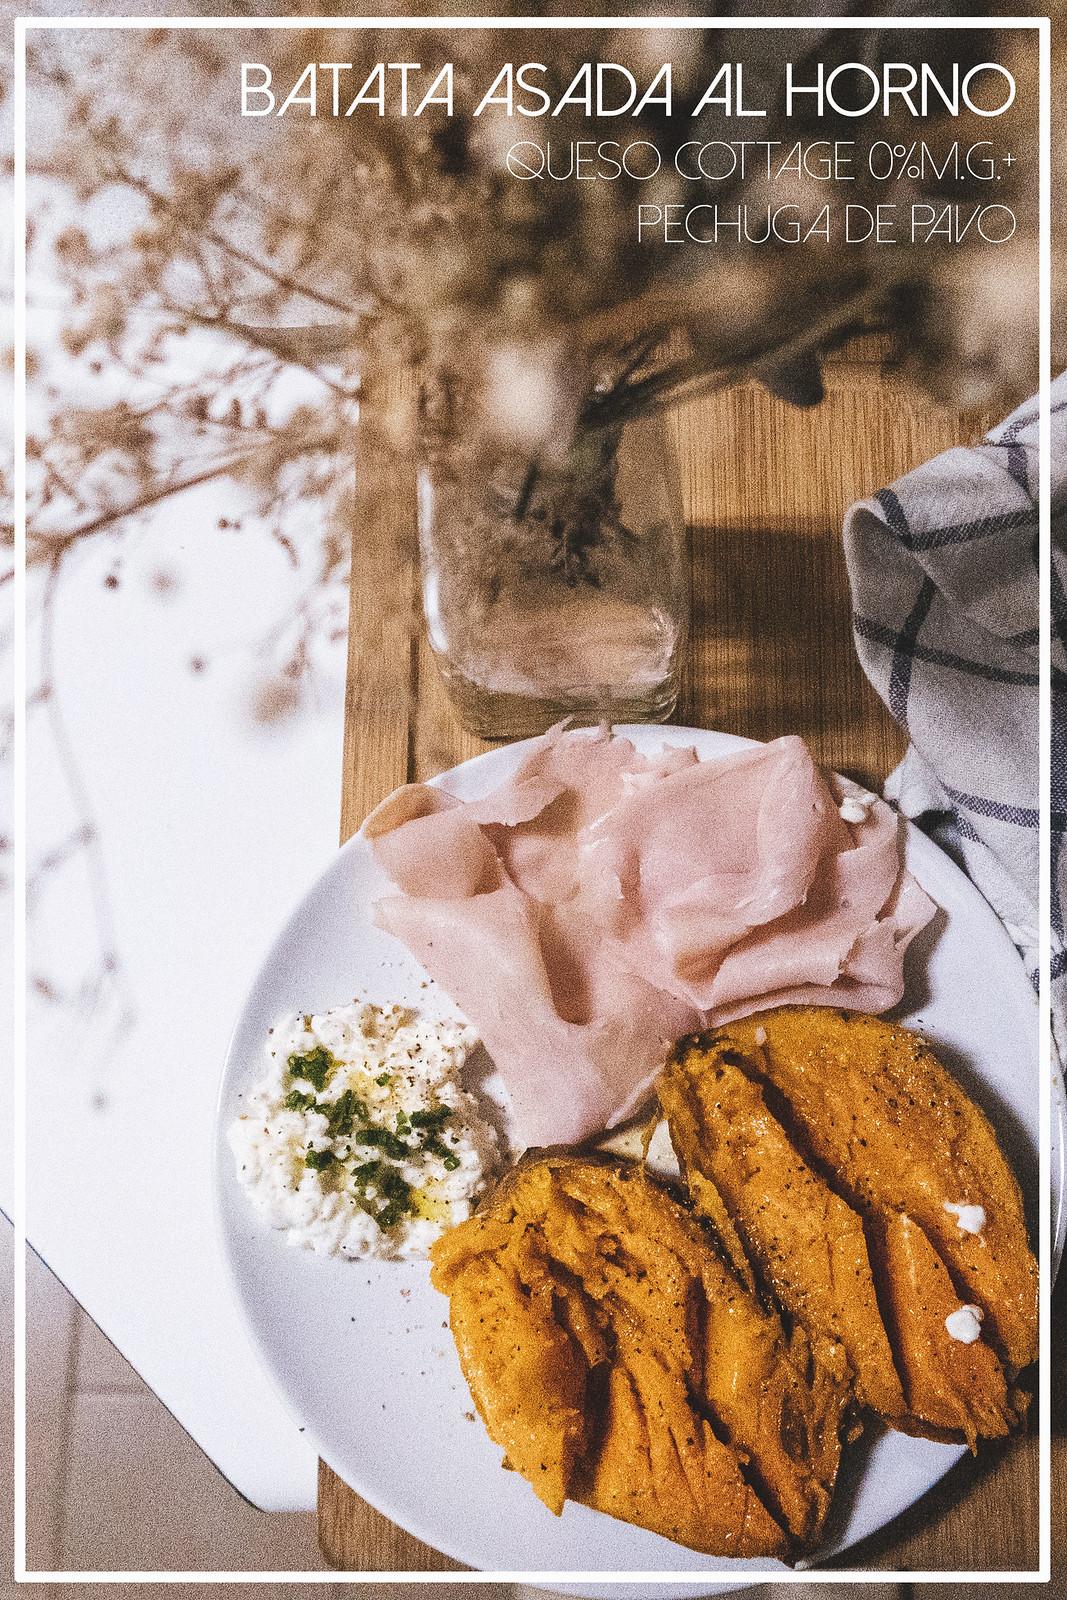 batata asada al horno - seams for a desire - jessie chanes - recetas faciles